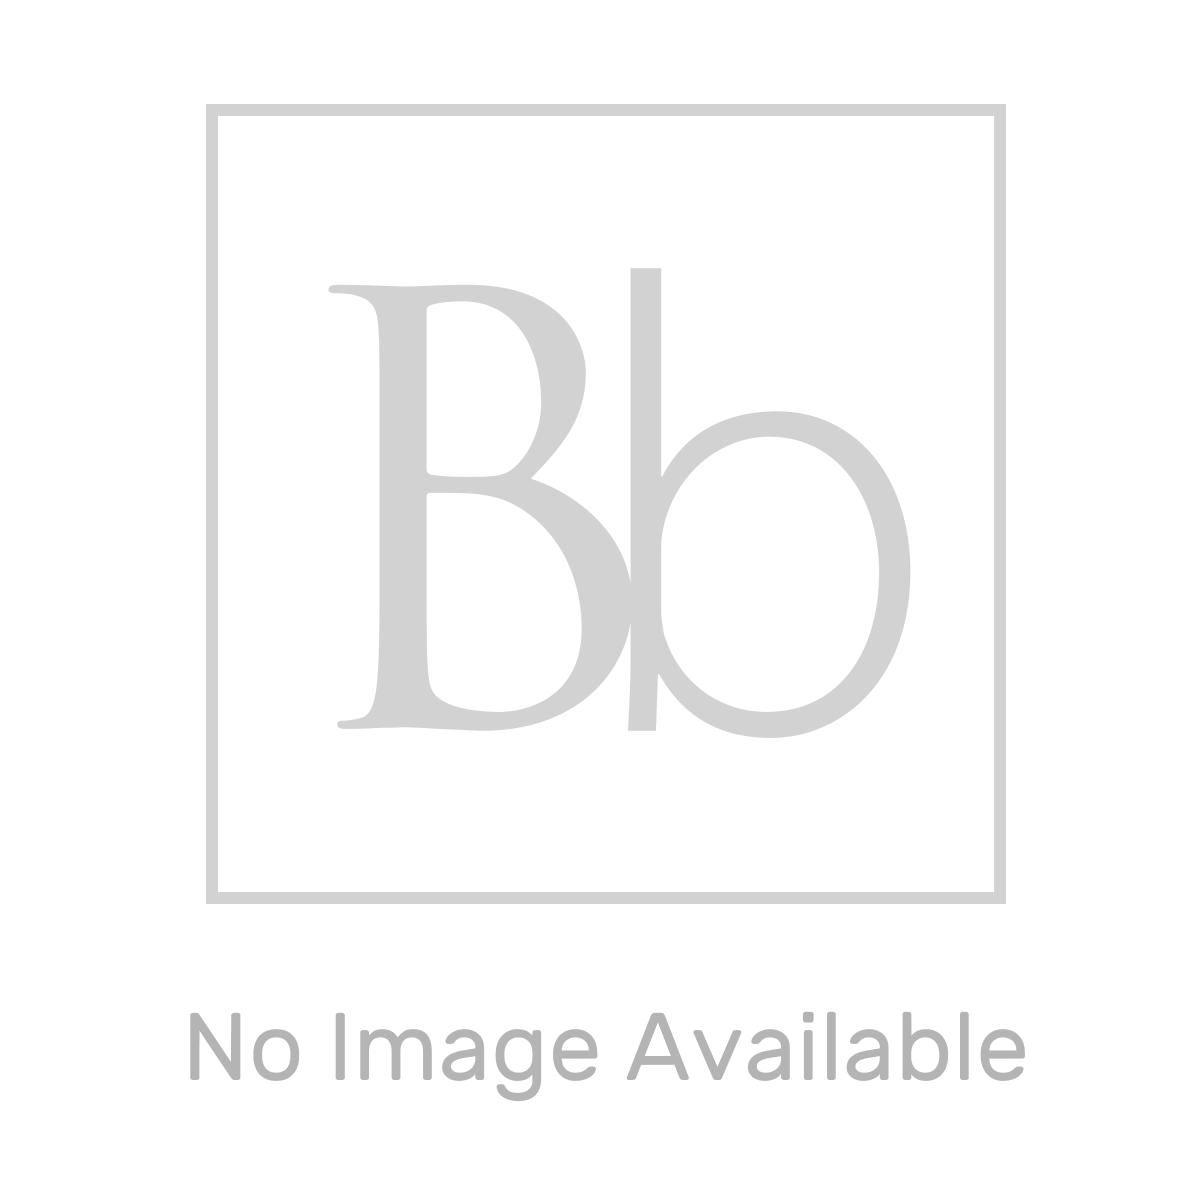 RAK Precious Behind Grey Wall Hung Counter Basin 800mm with Brackets